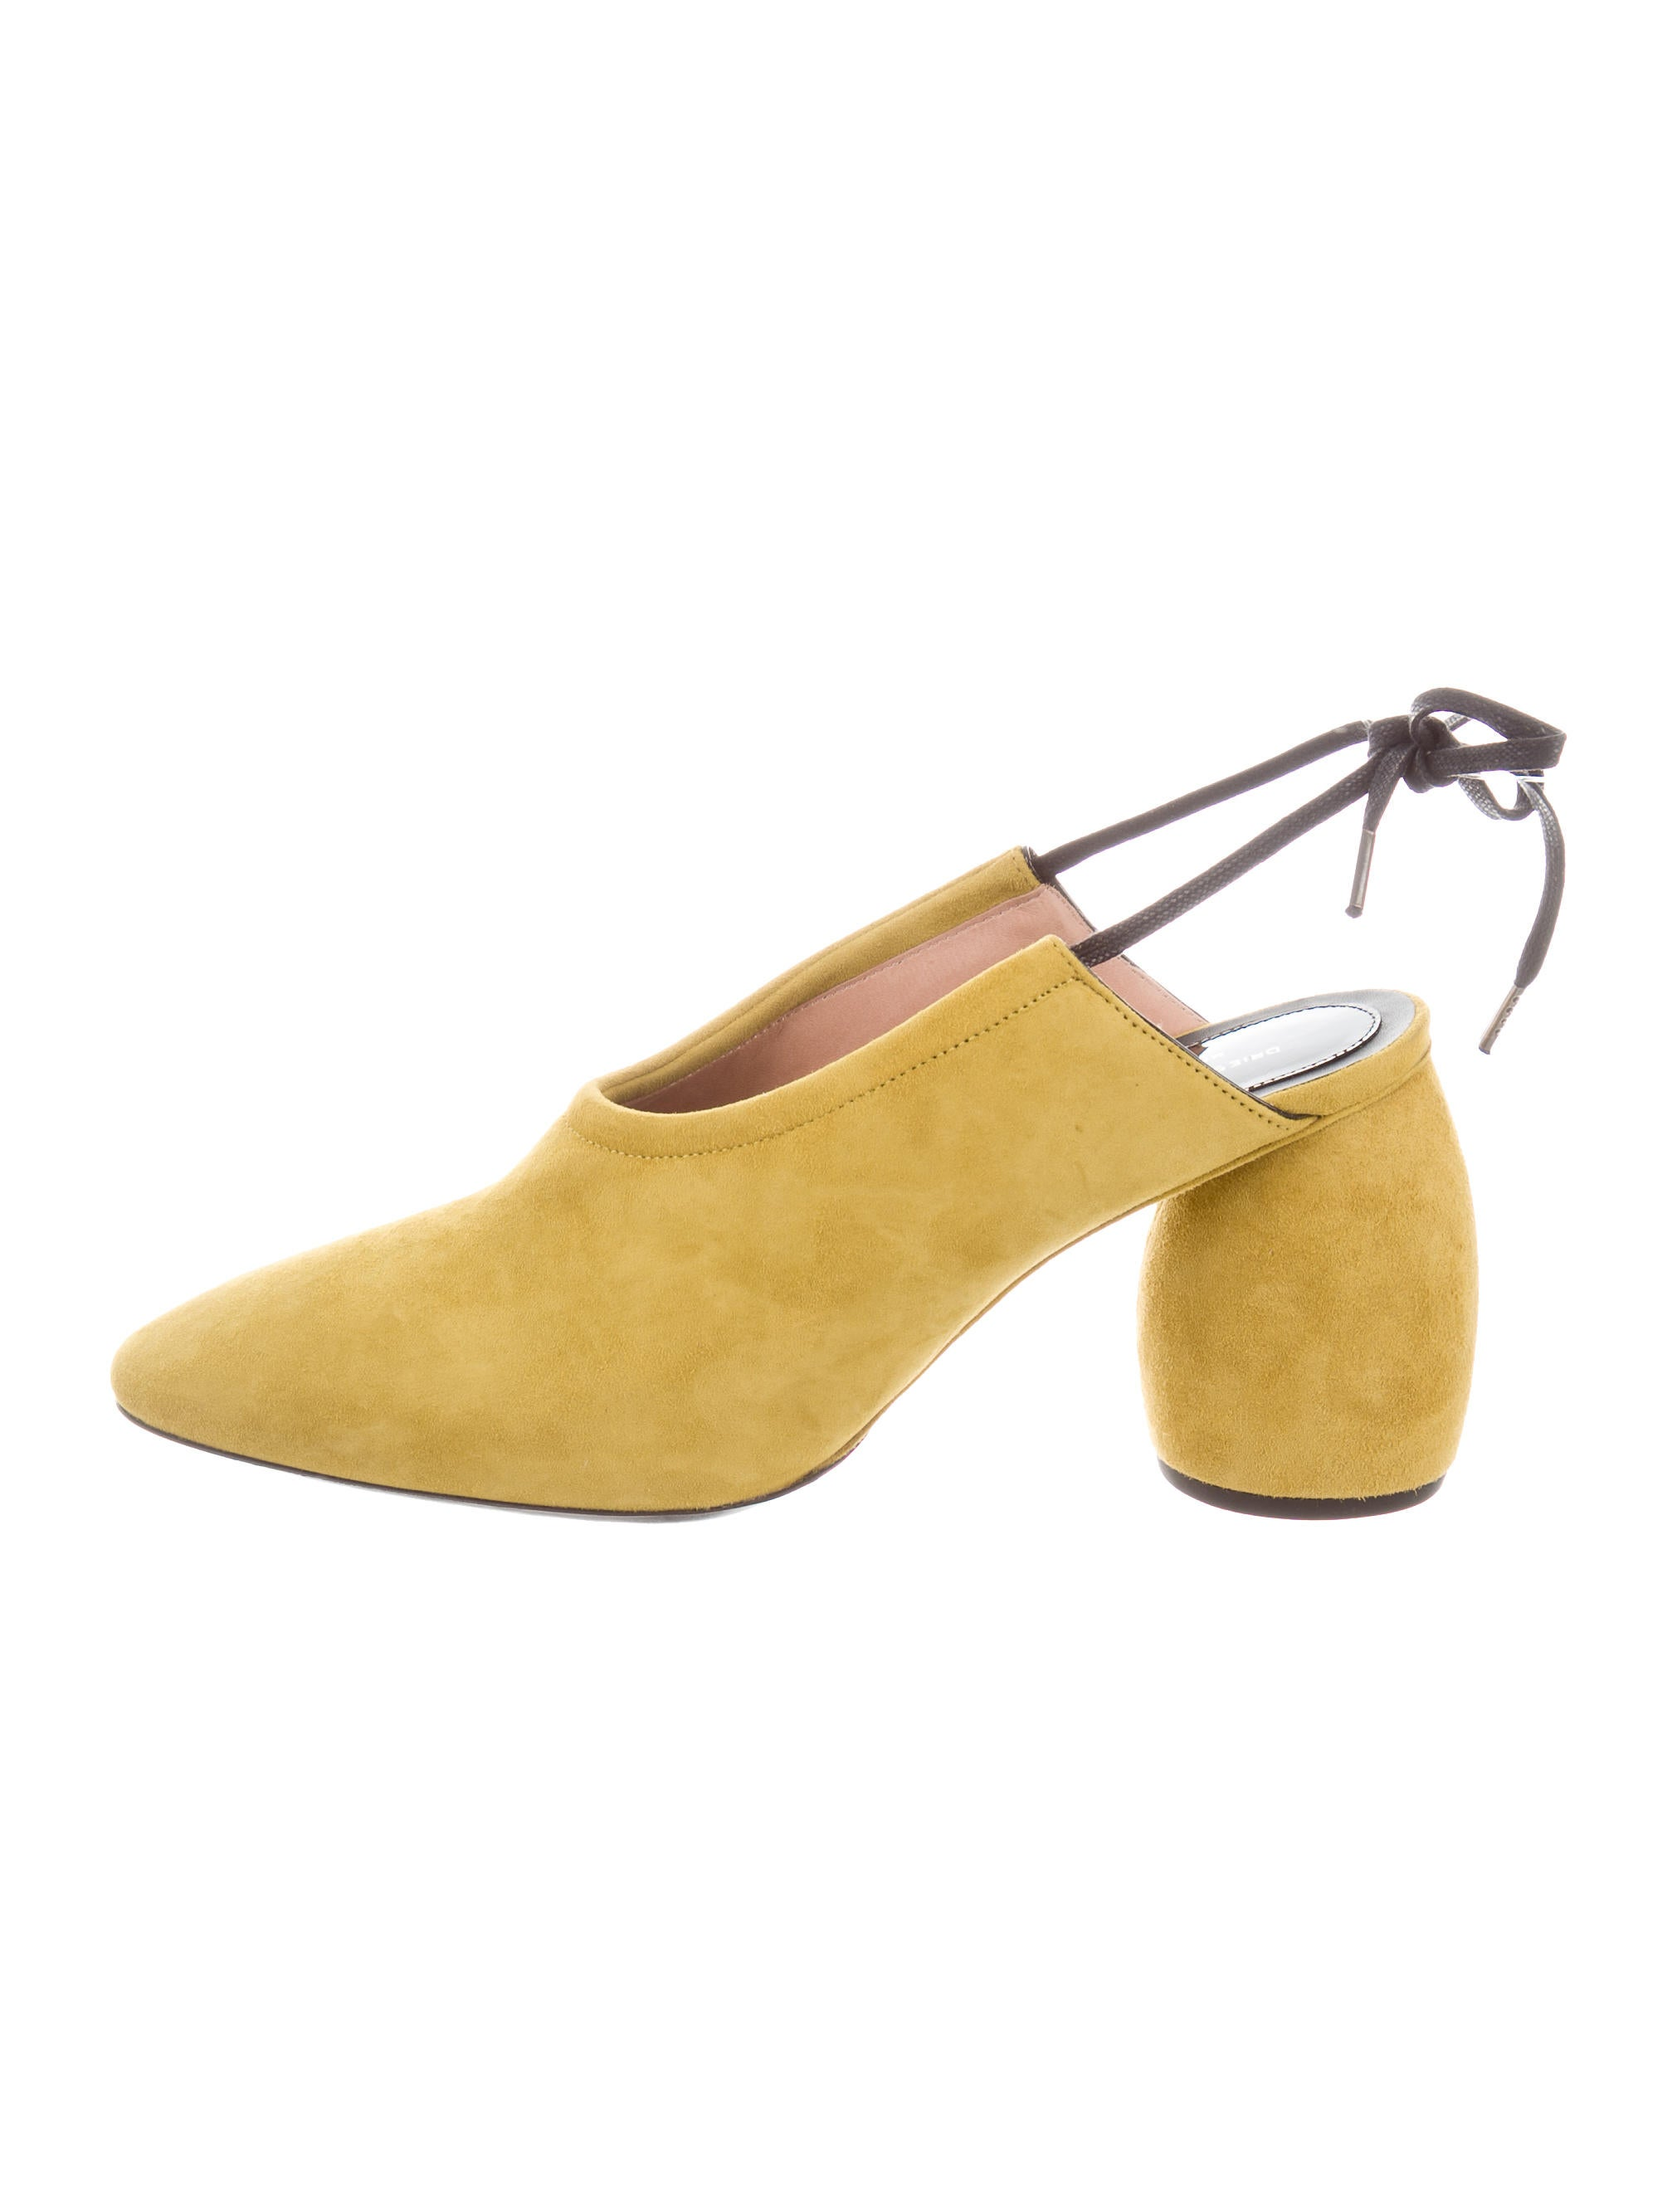 8bd459472d4e Dries Van Noten Suede Slingback Pumps w  Tags - Shoes - DRI37931 ...